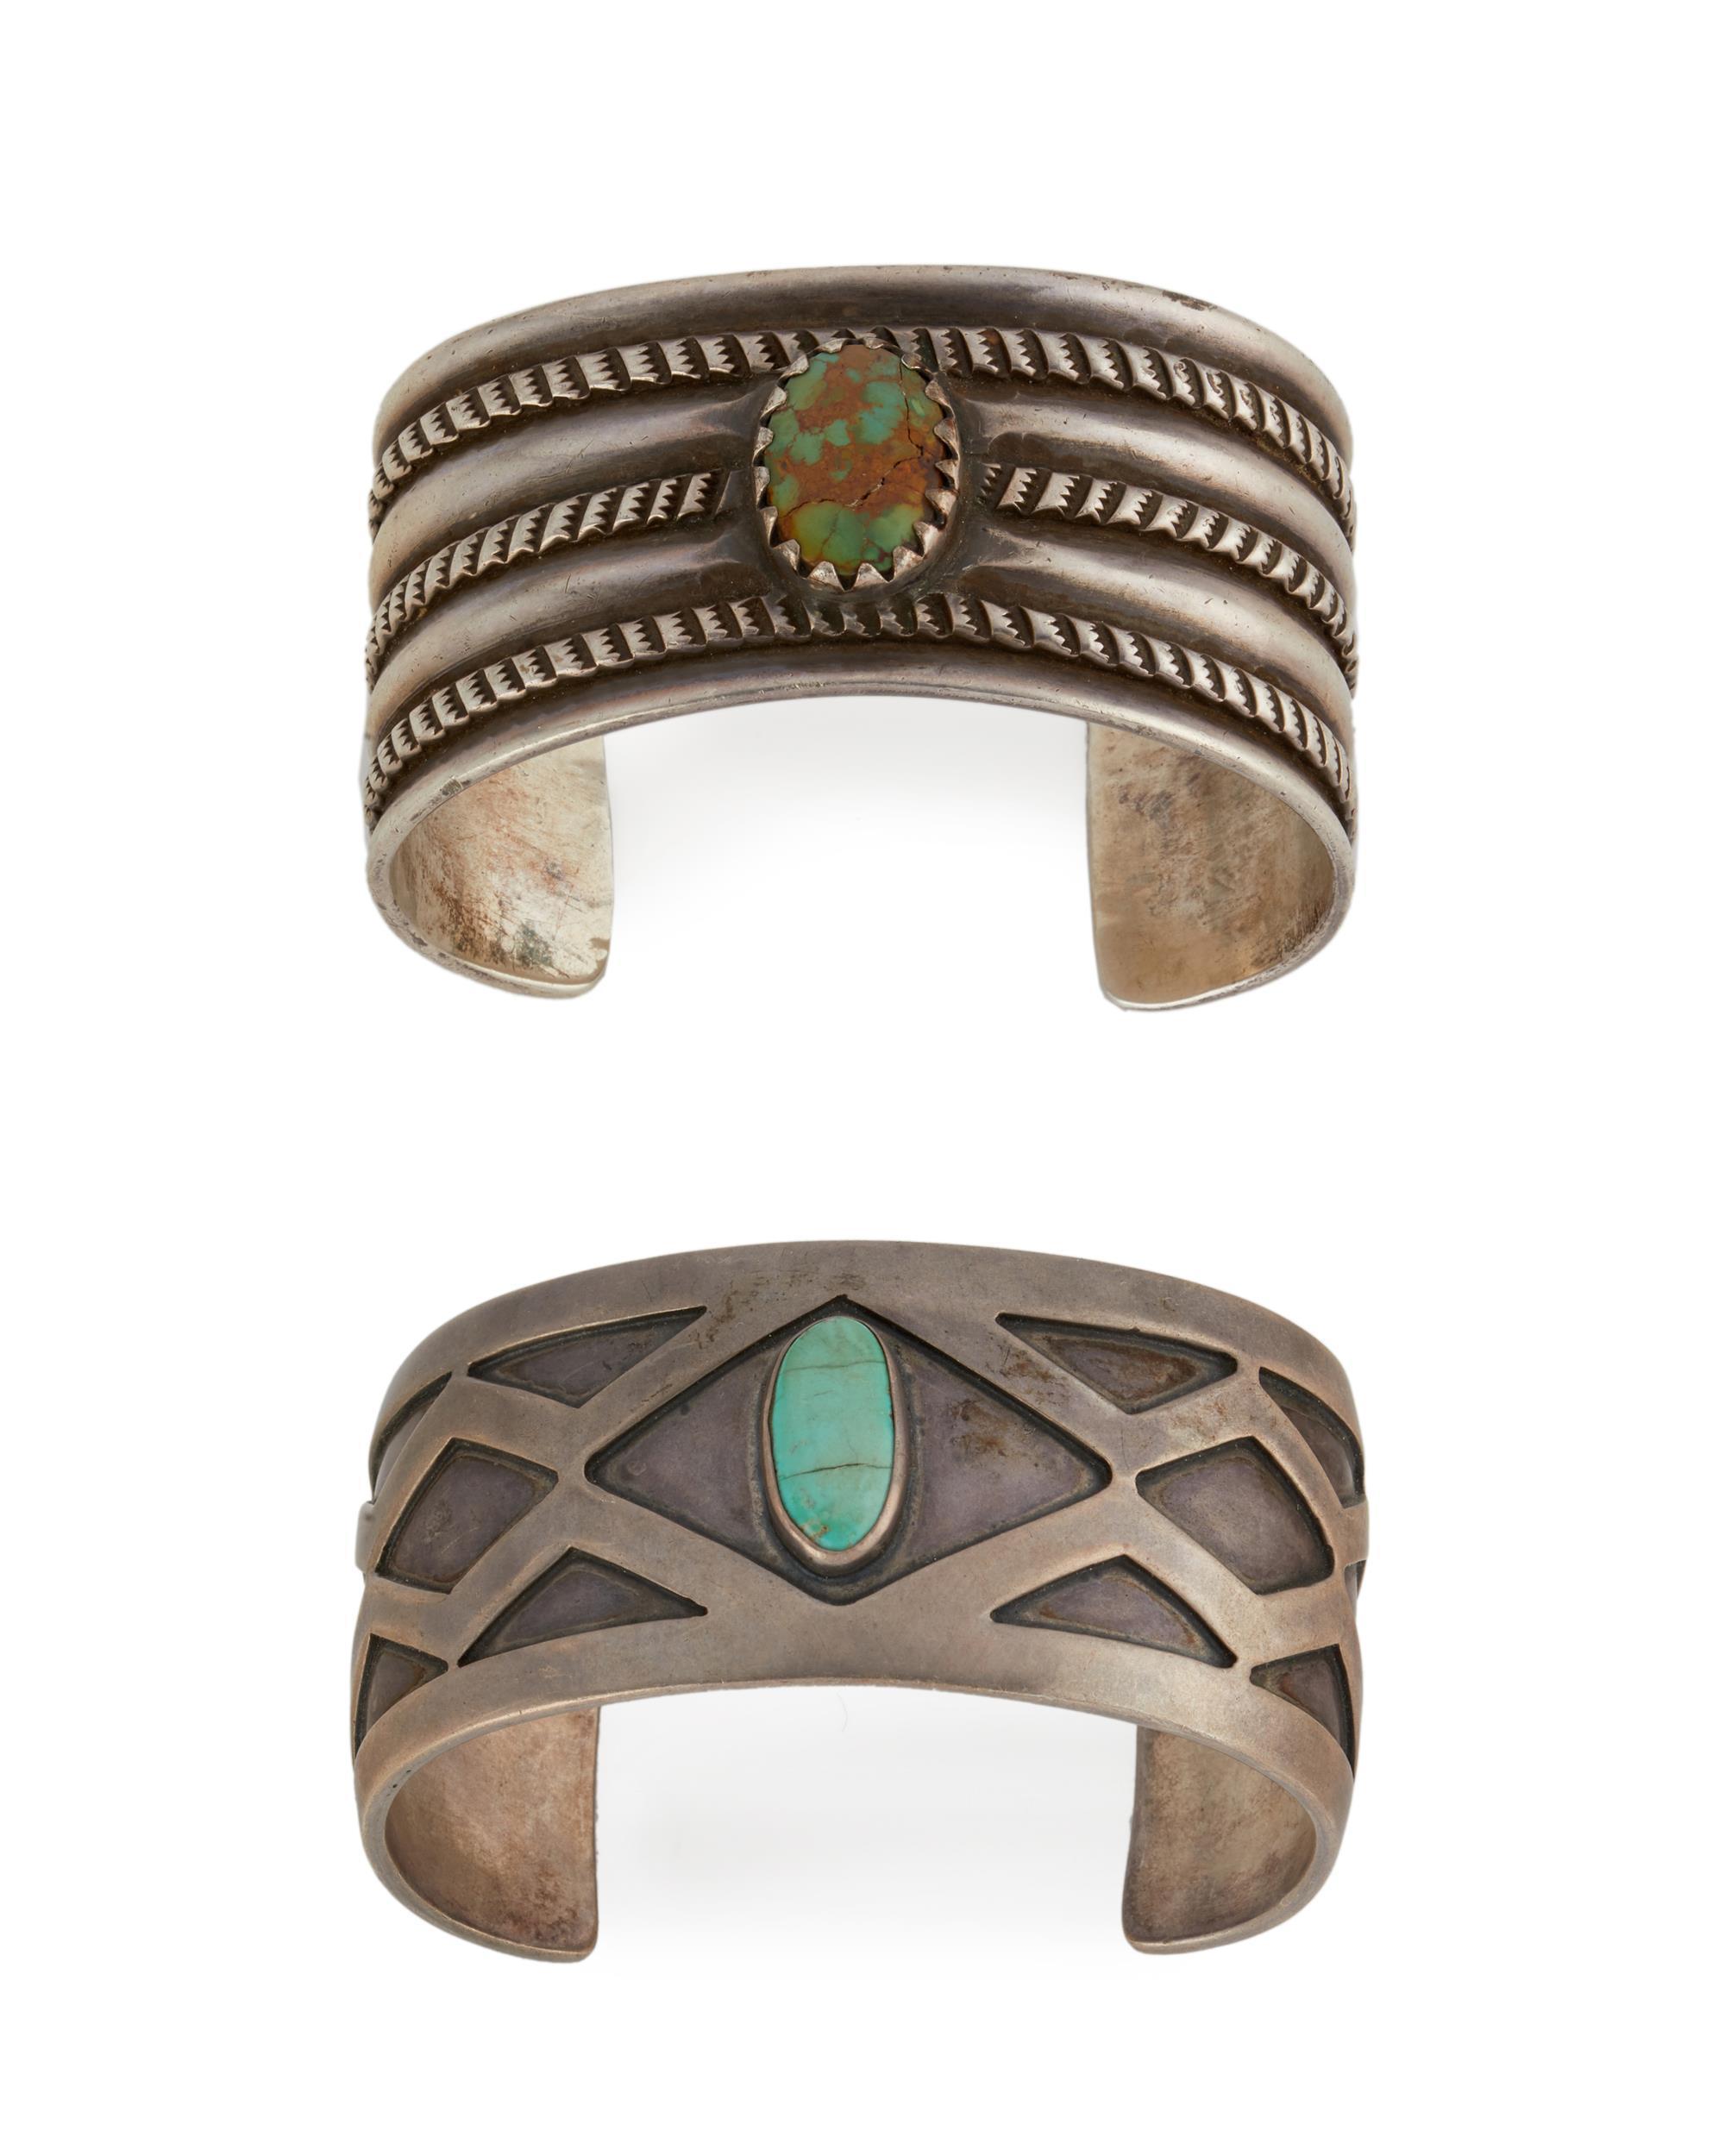 Two silver cuff bracelets